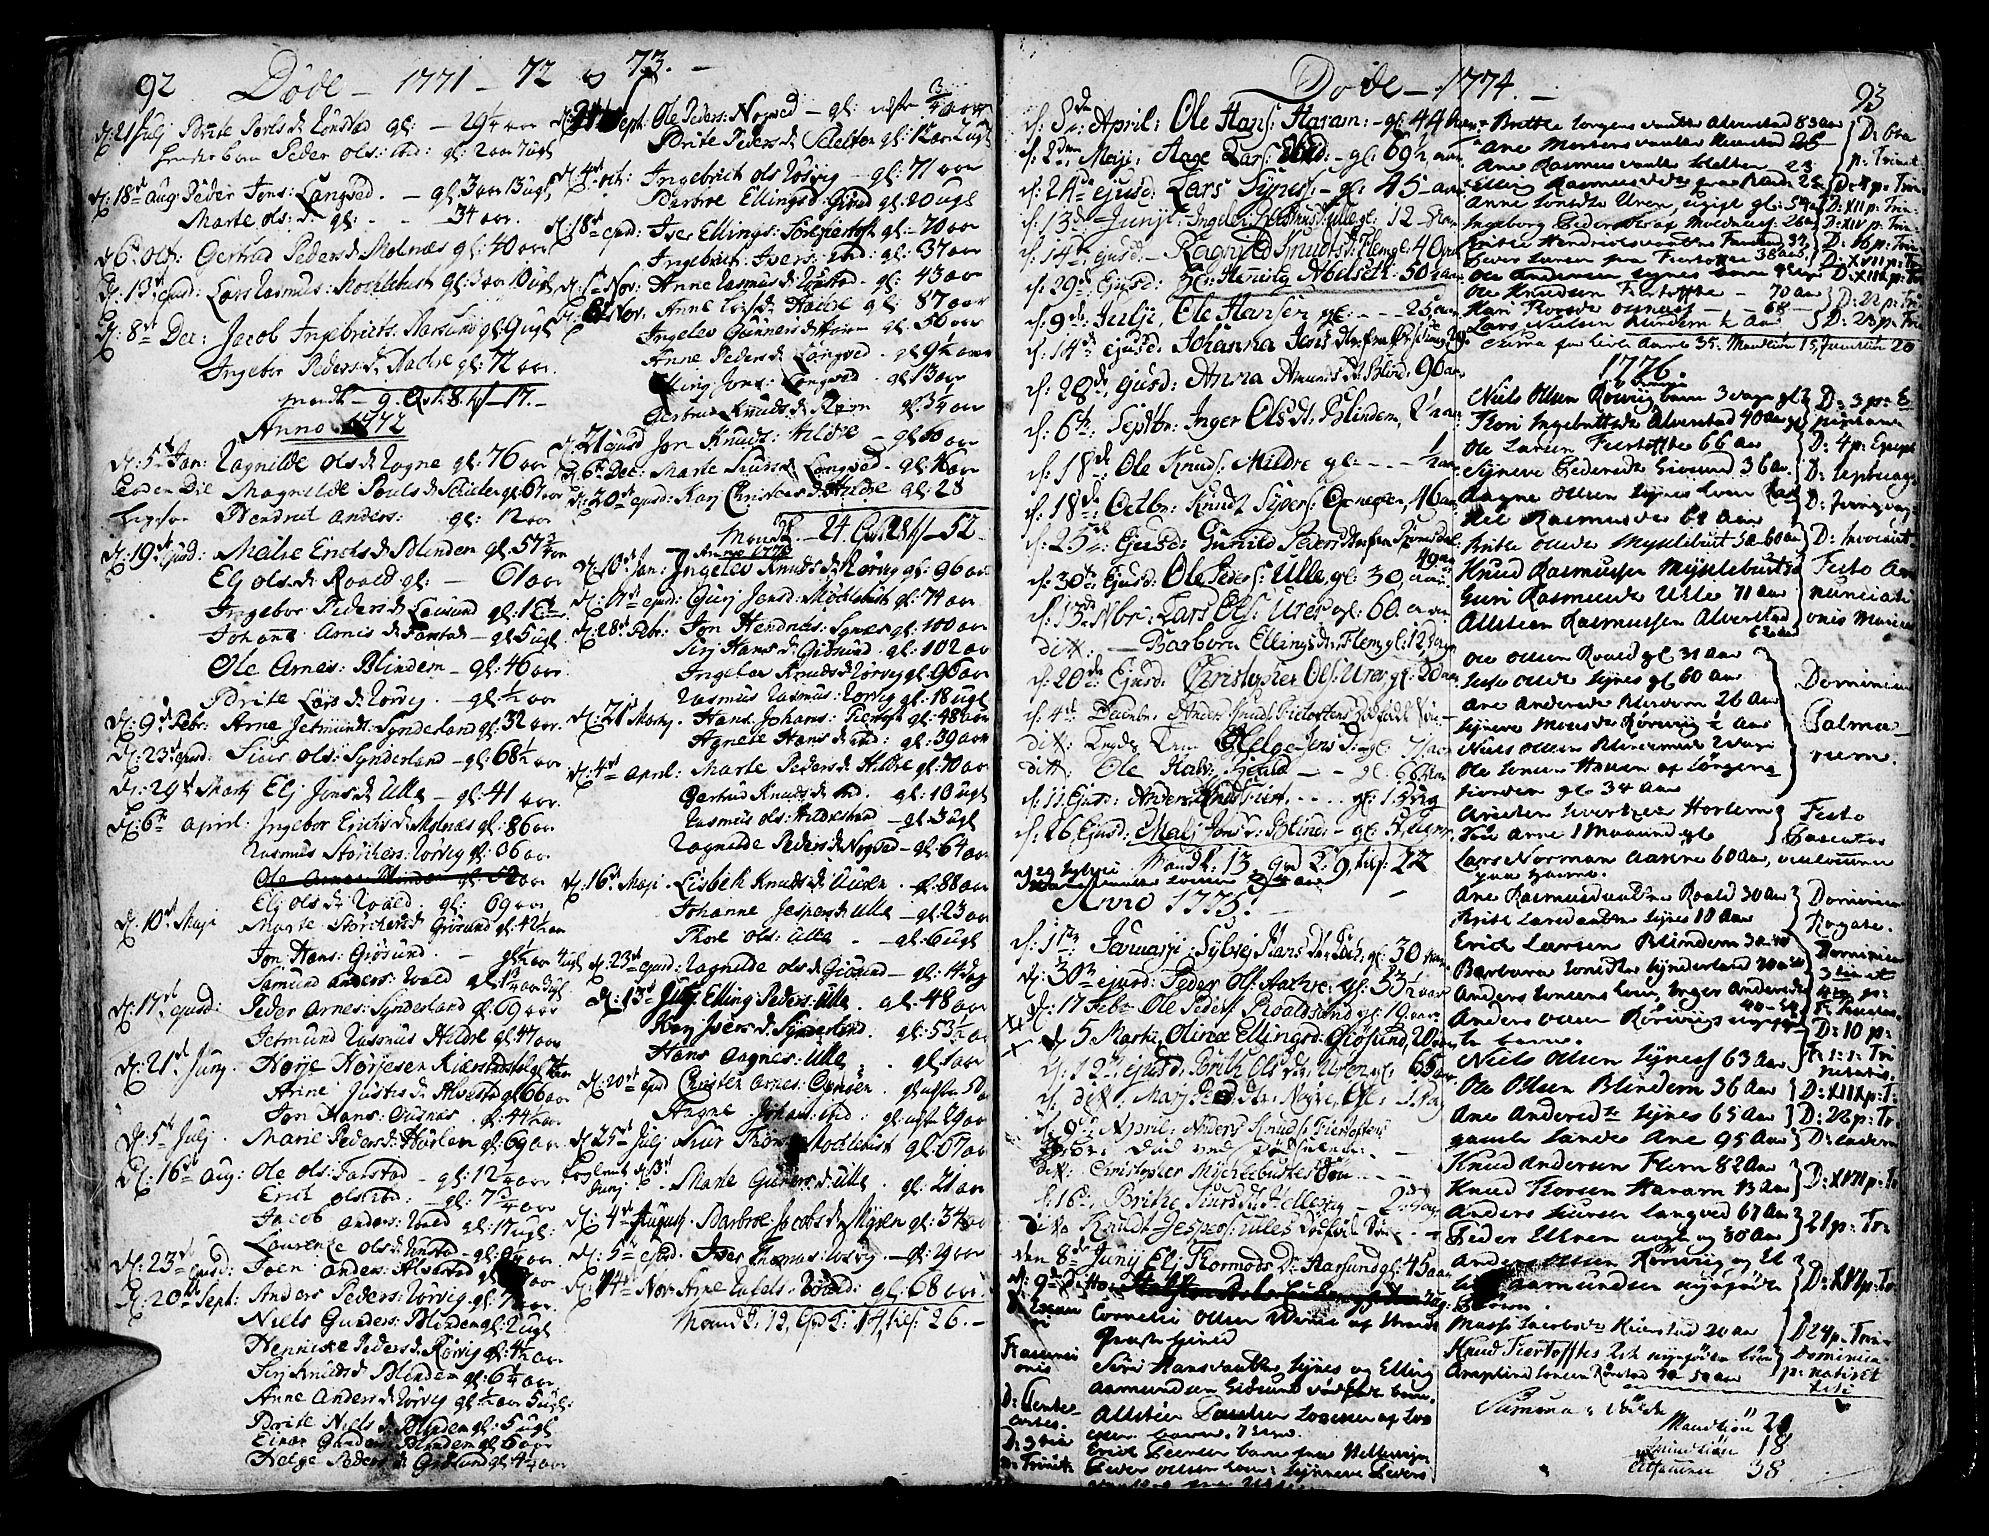 SAT, Ministerialprotokoller, klokkerbøker og fødselsregistre - Møre og Romsdal, 536/L0493: Ministerialbok nr. 536A02, 1739-1802, s. 92-93